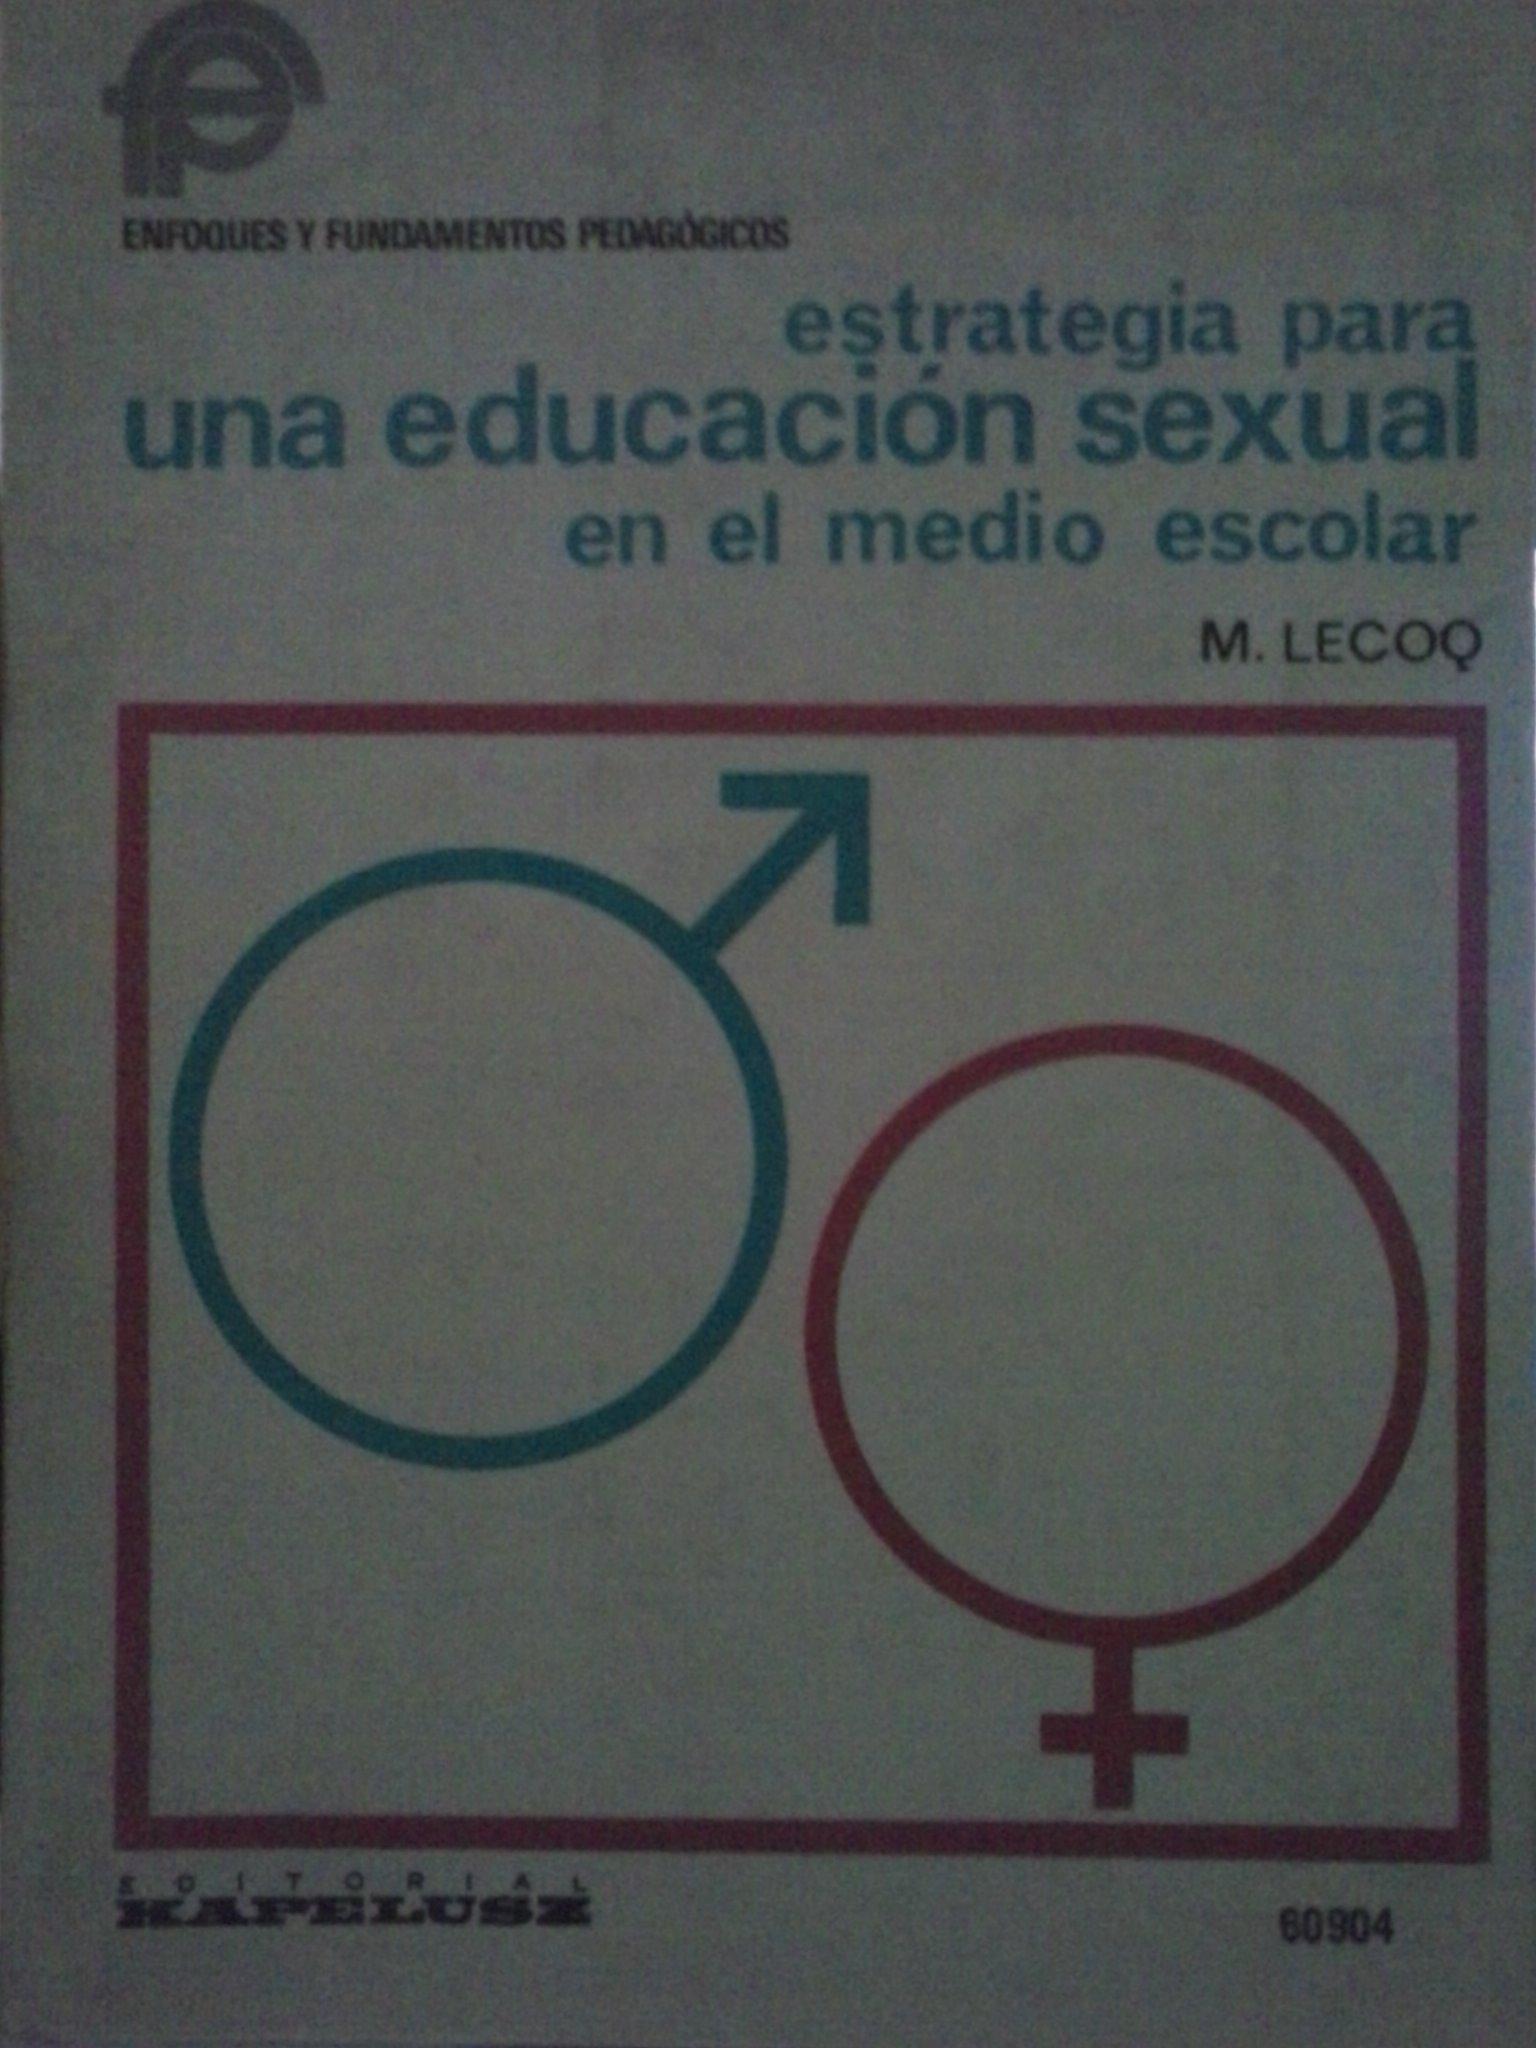 Estrategia para una educación sexual en el medio escolar